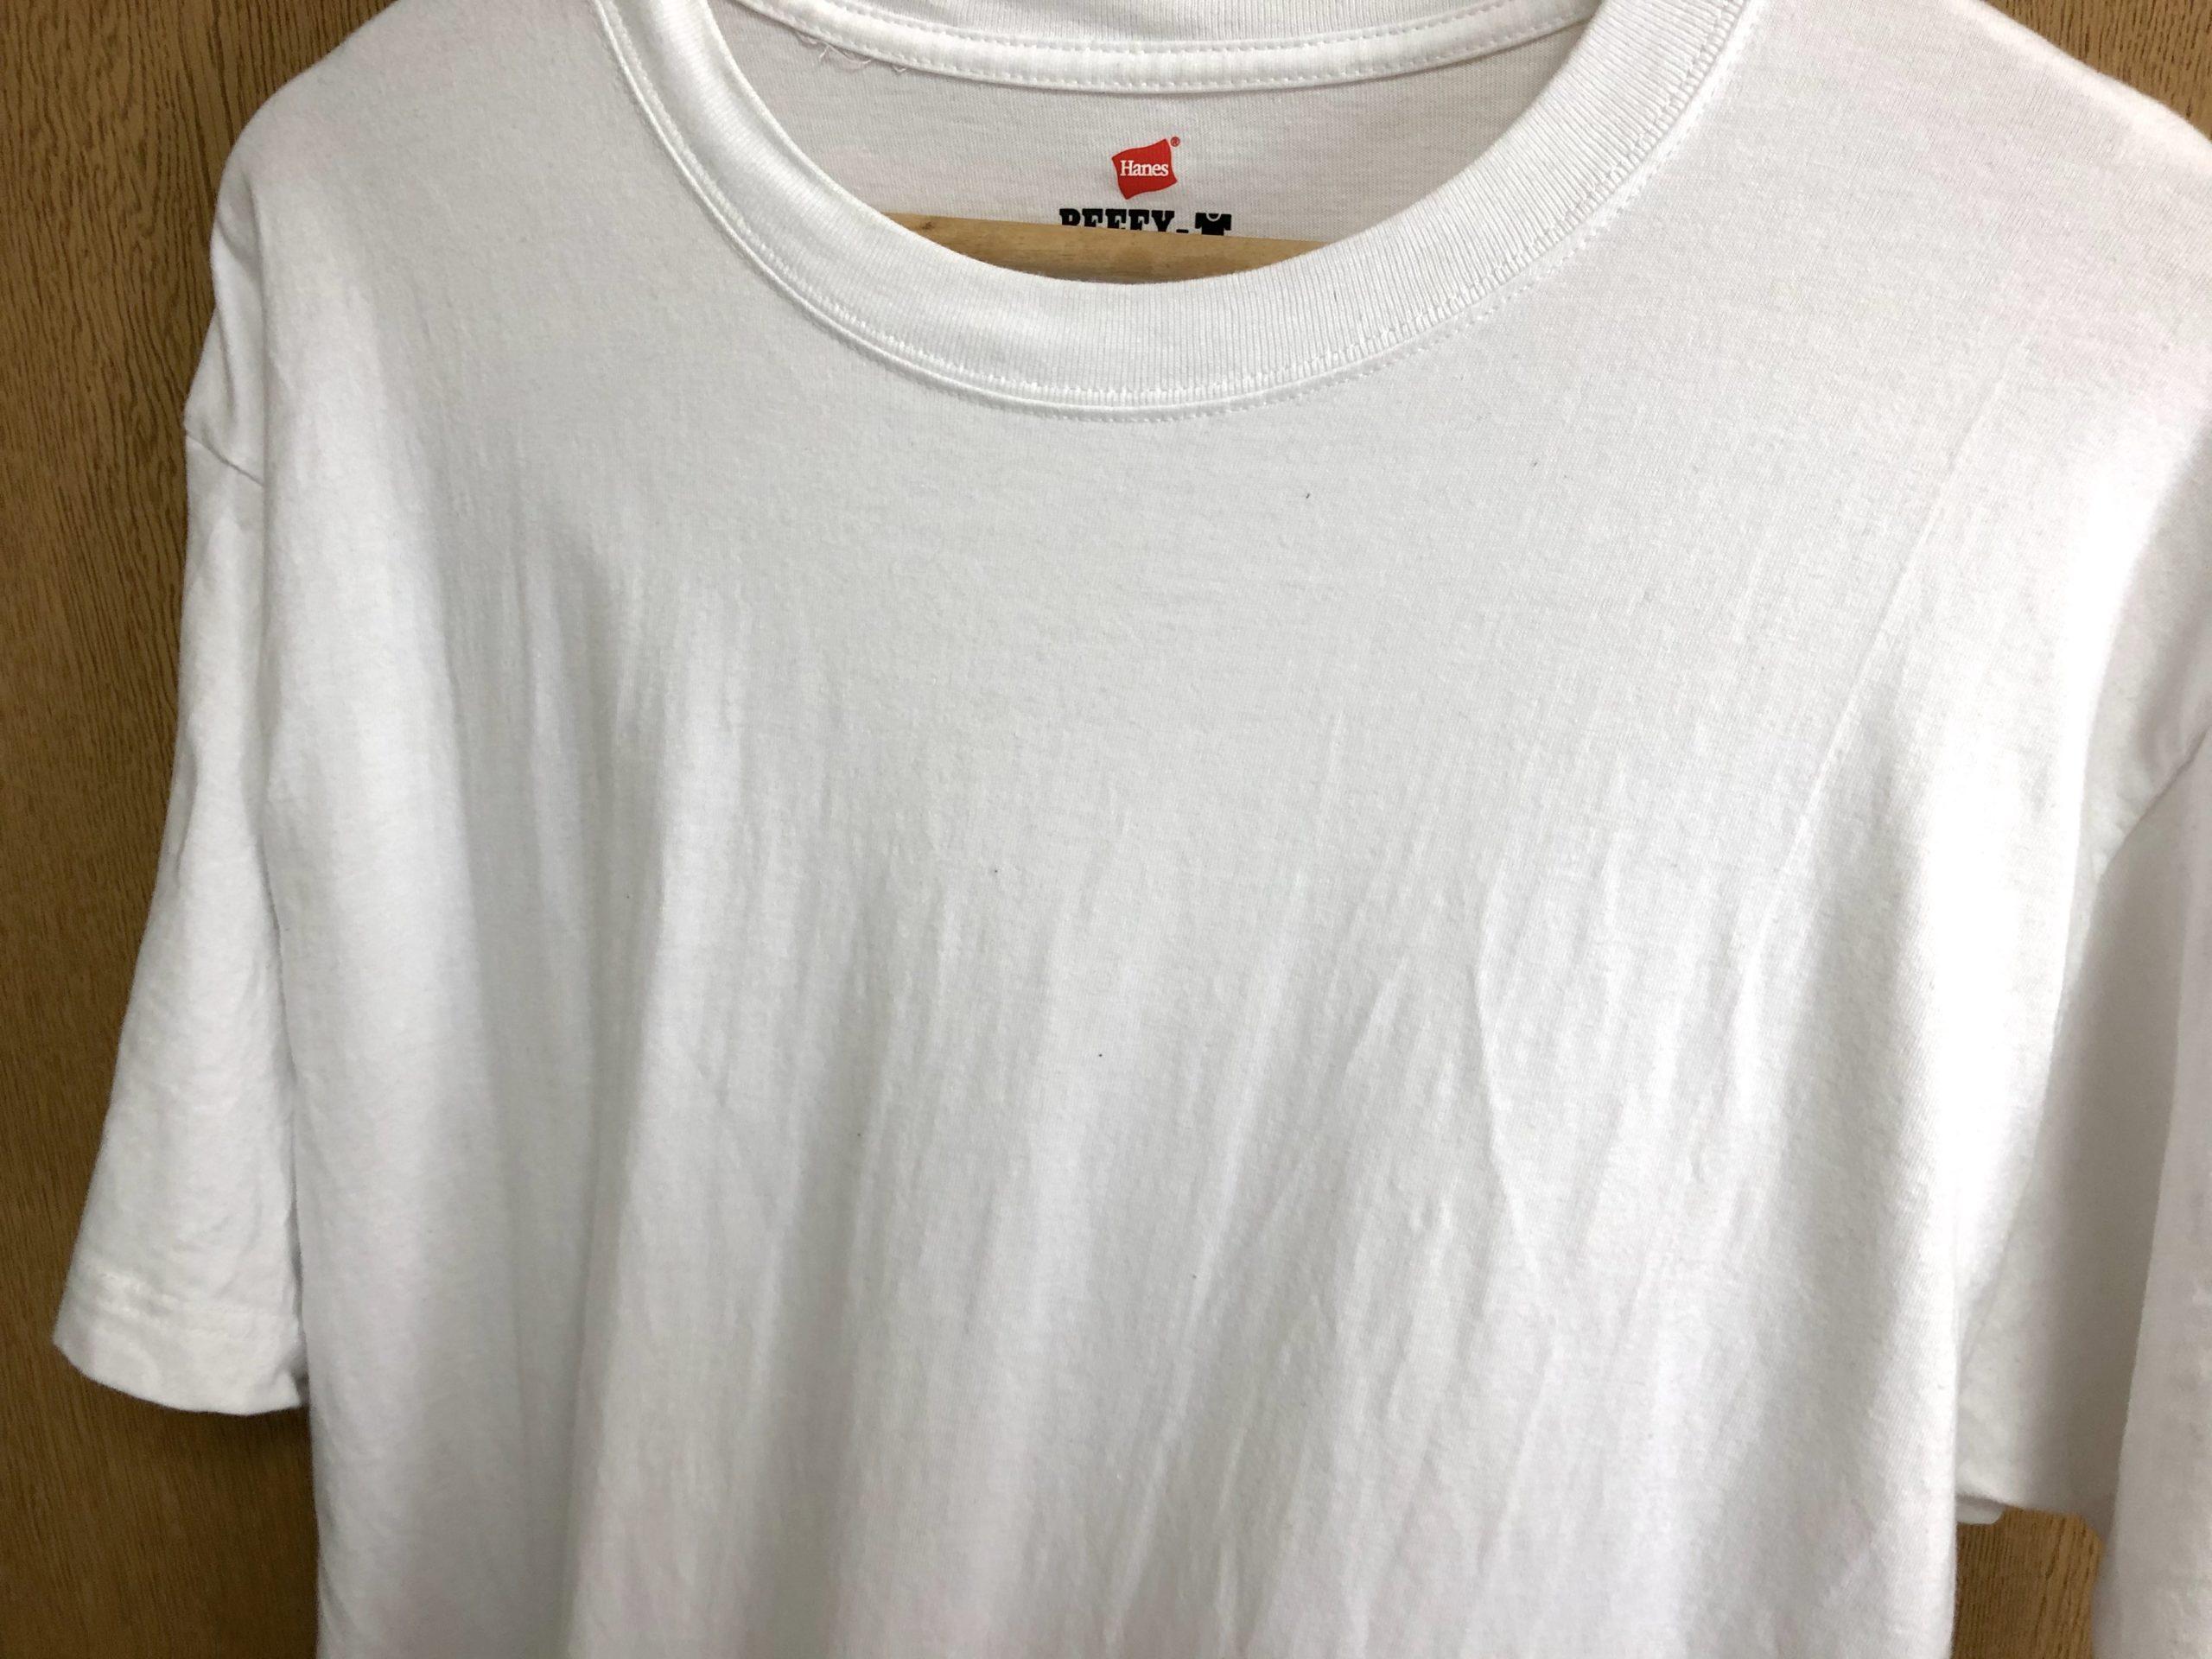 ヘインズのビーフィーTシャツの質感の変化